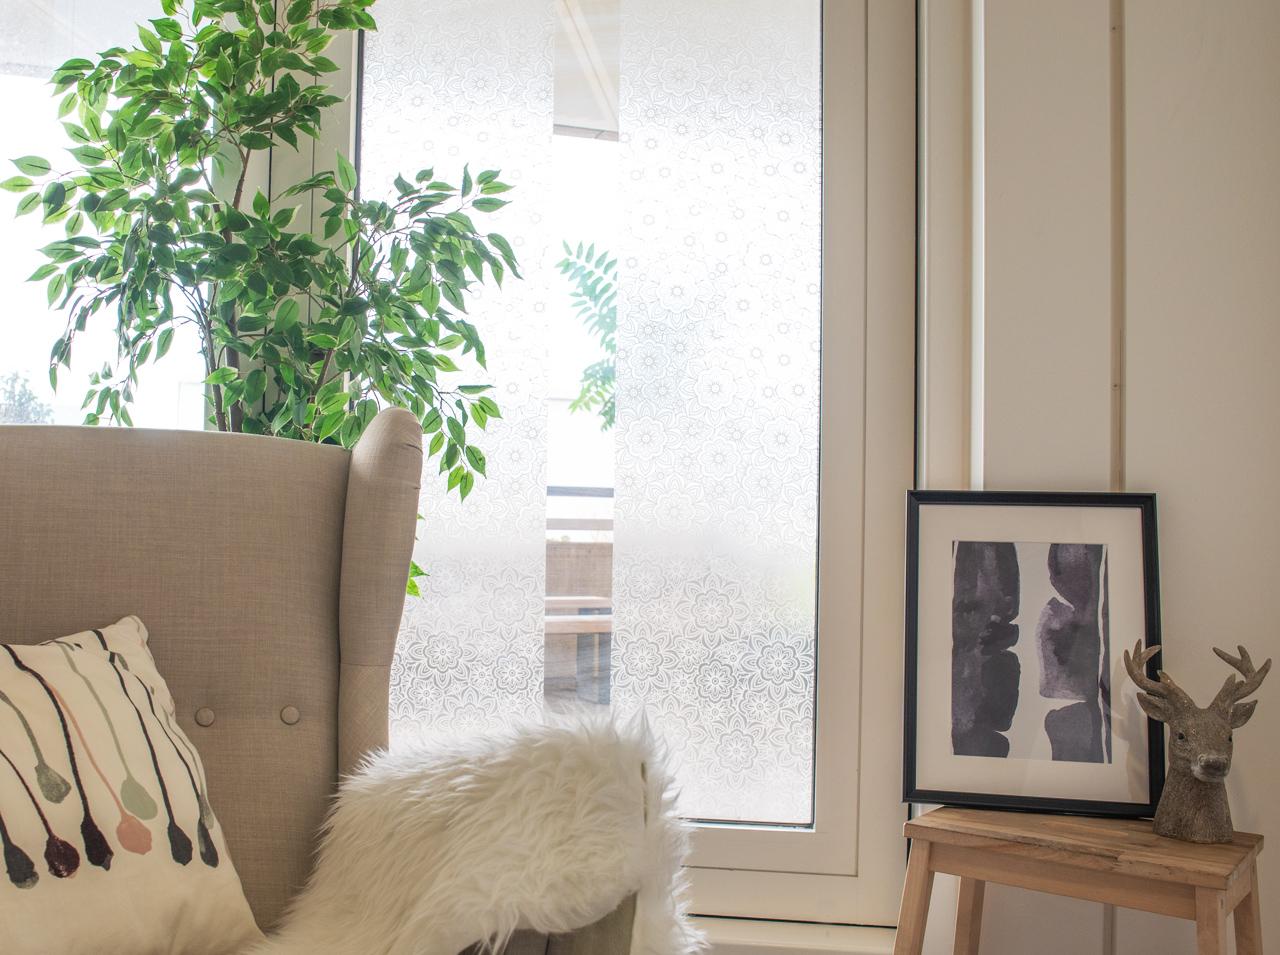 Full Size of Bad Fenster Sichtschutz Plissee Sichtschutzfolie Innen Sichtschutzfolien Obi Ikea Hornbach Modern Moderne D C Home Spitze Fr Deine Deko Und In Einem Einbauen Fenster Fenster Sichtschutz